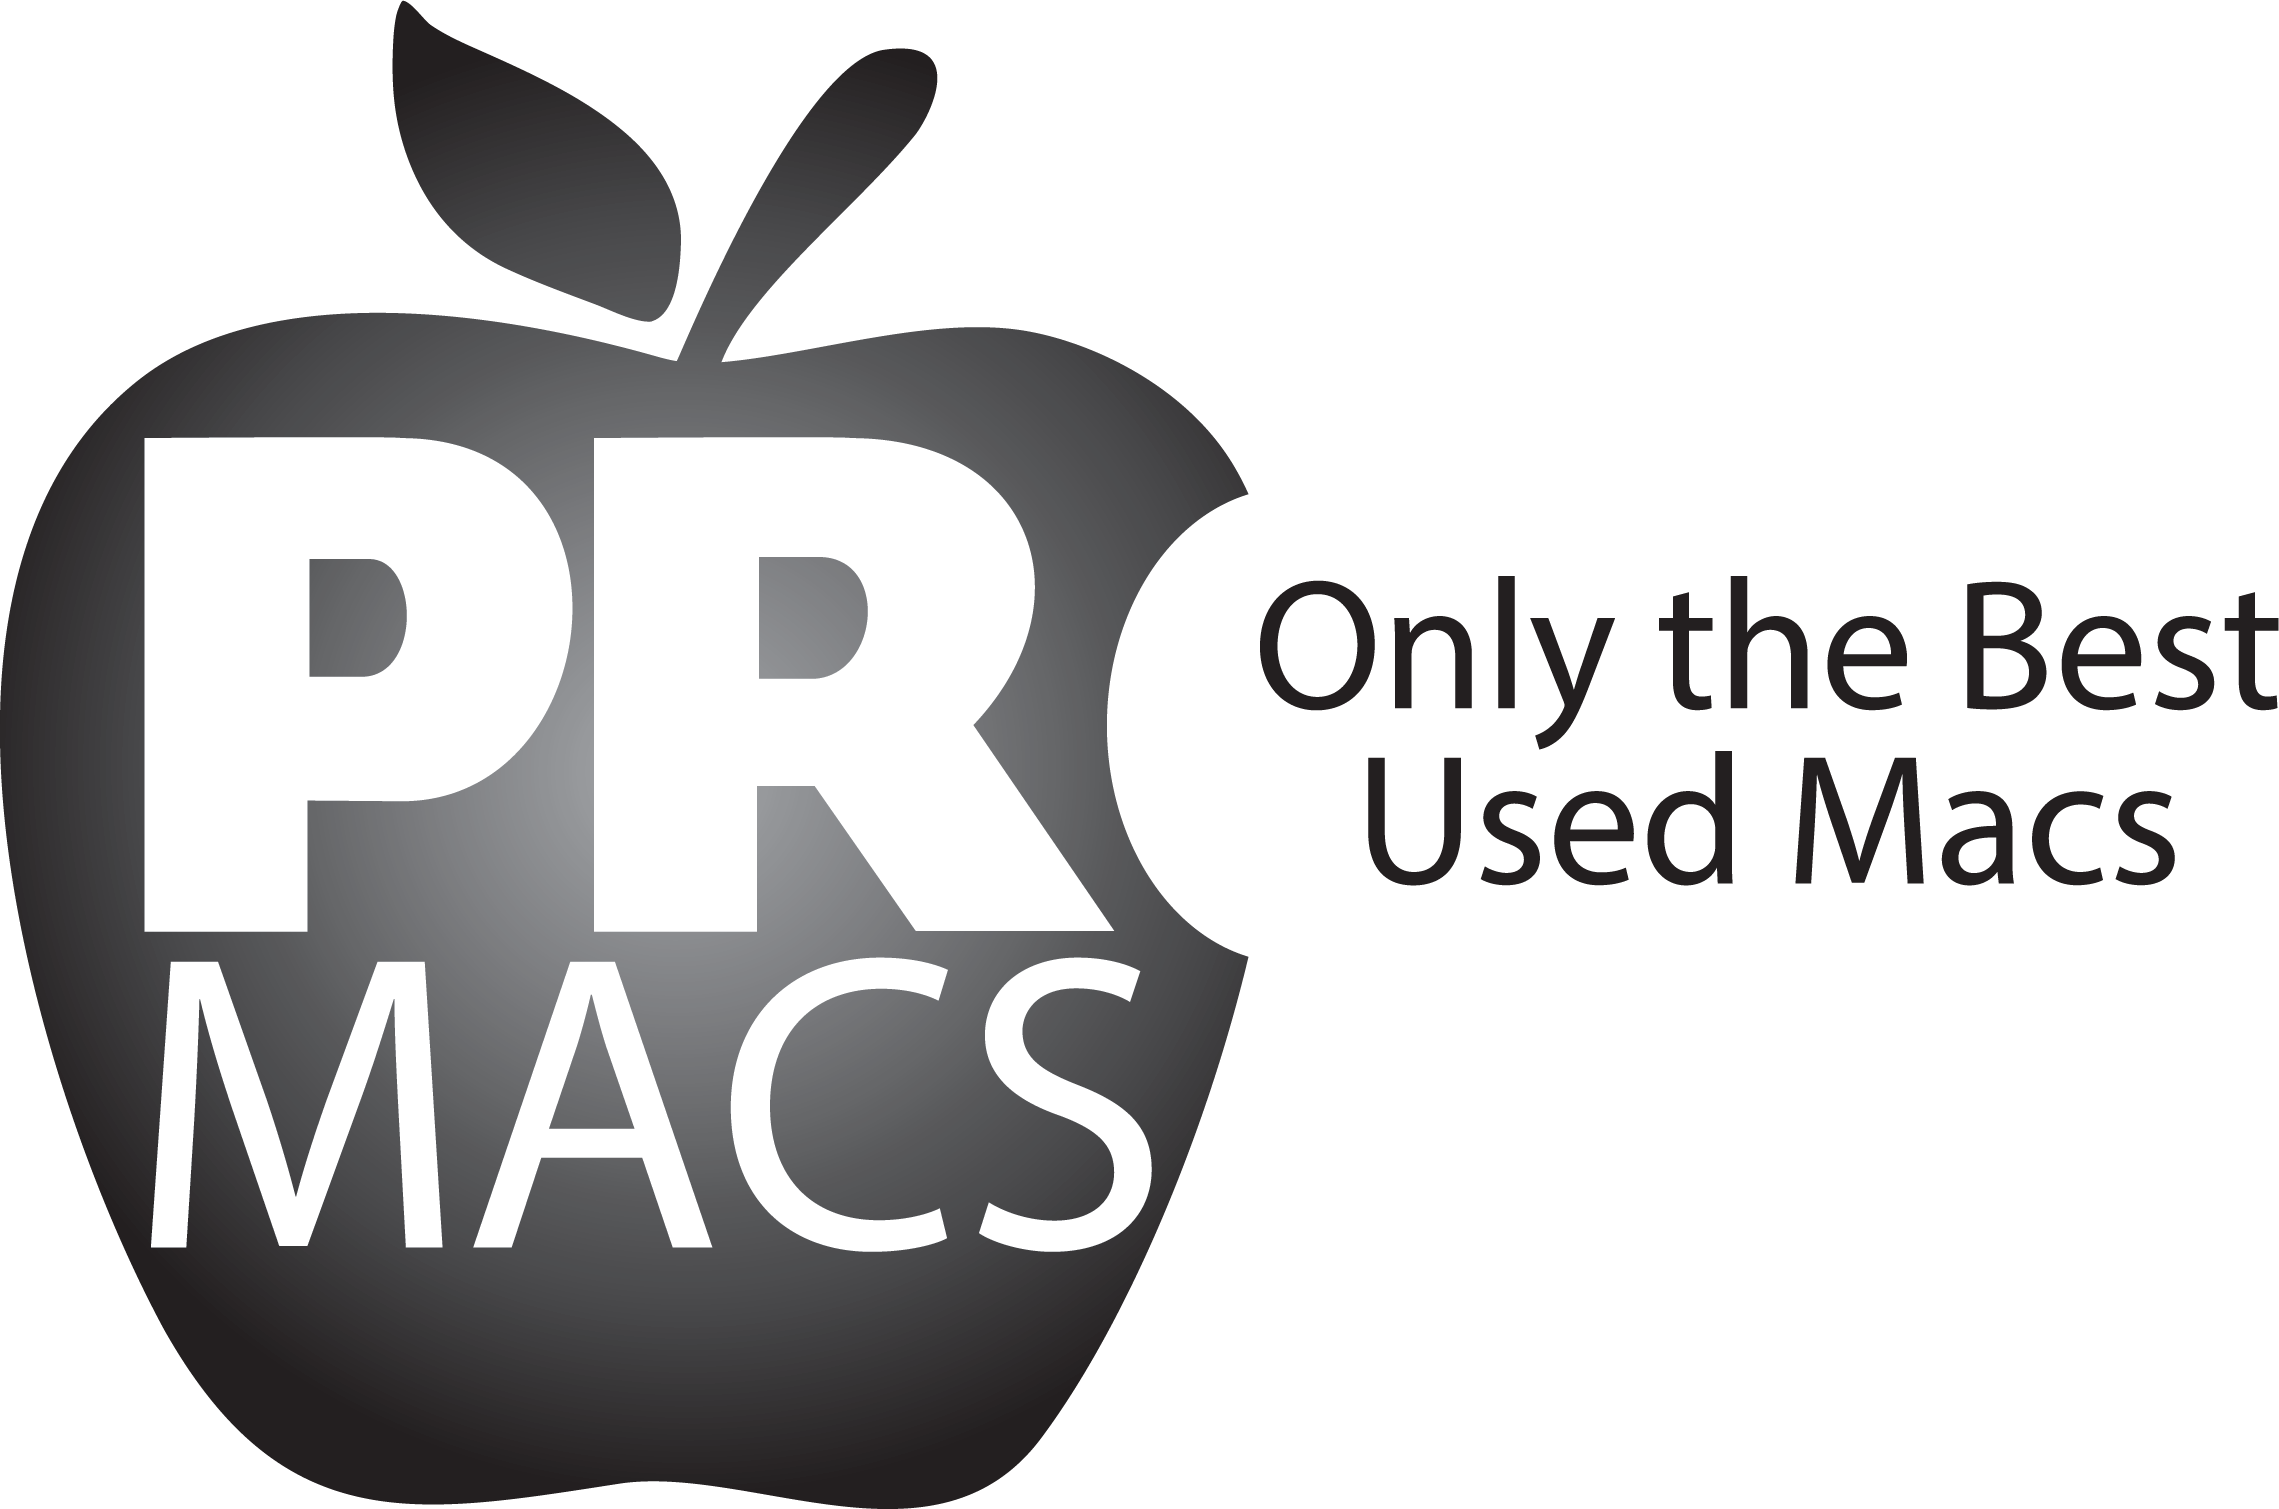 PR Macs